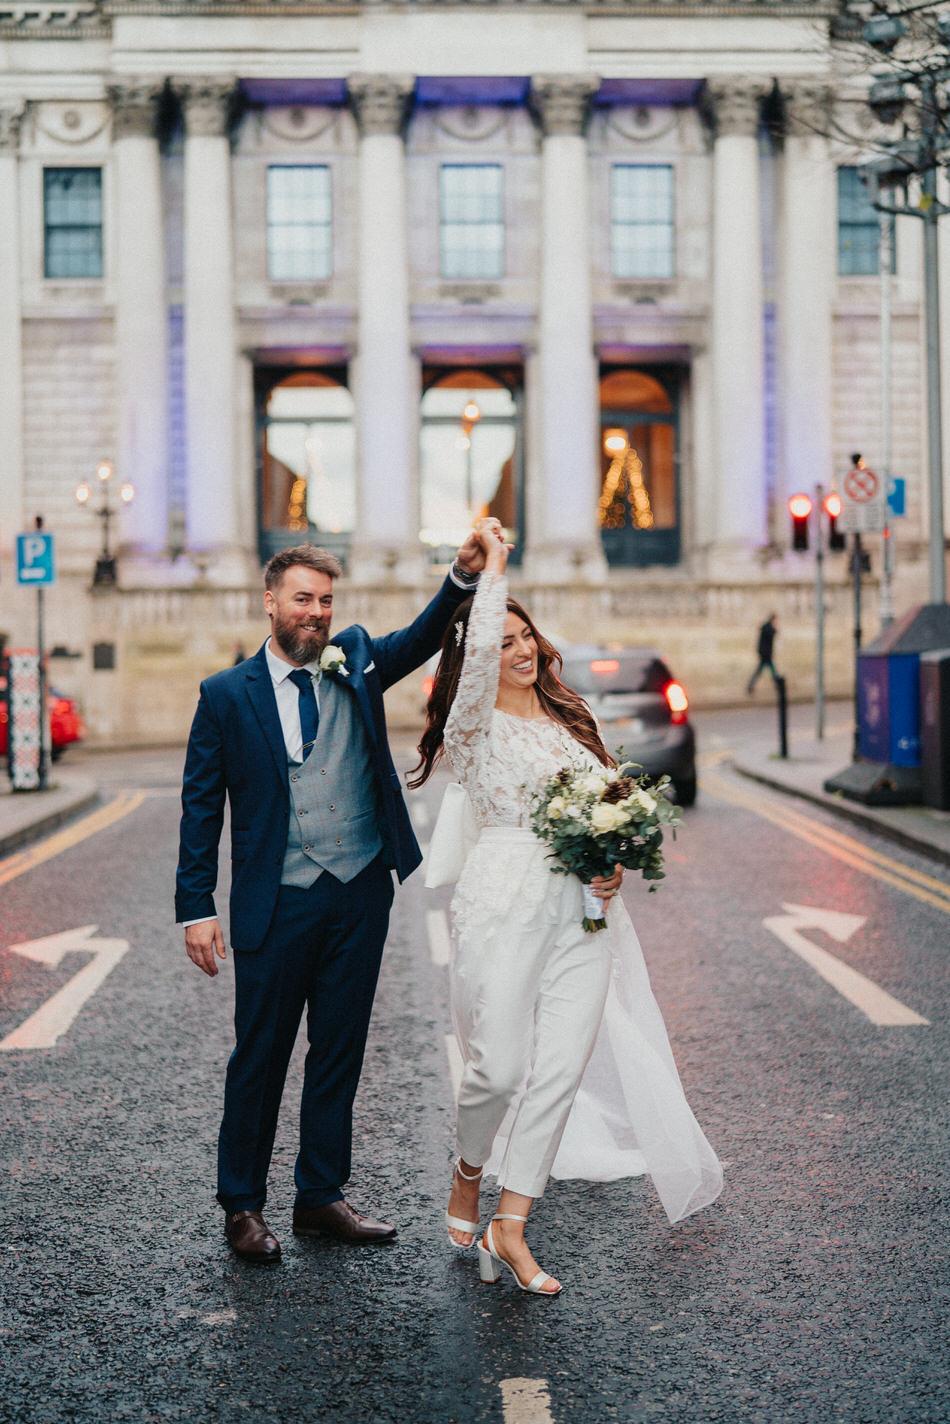 City-hall-dublin-wedding-photos-75 74